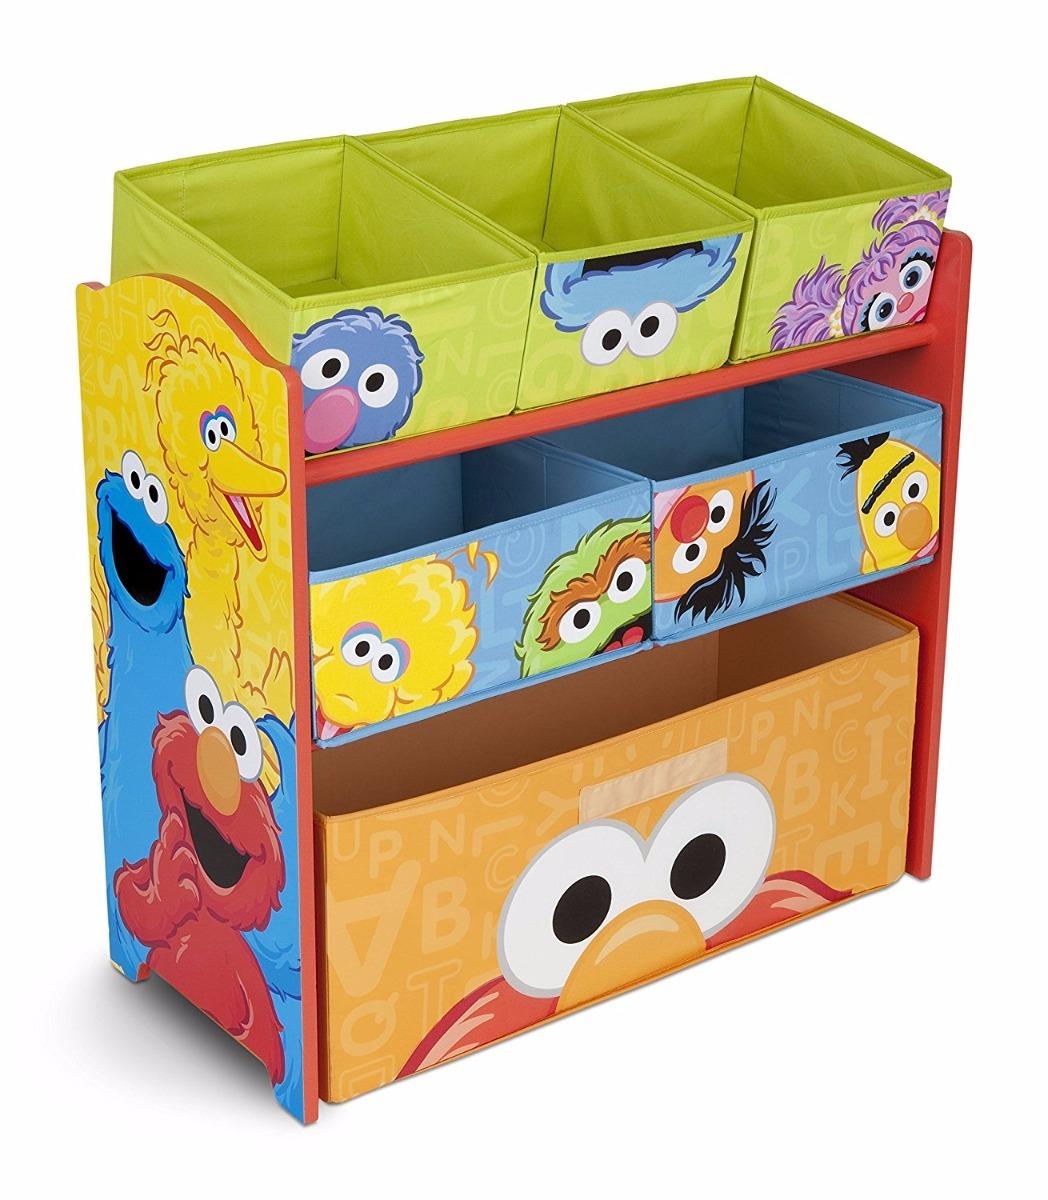 Mueble organizador de juguetes para ni os de plaza sesamo 1 en mercado libre - Mueble organizador de juguetes ...